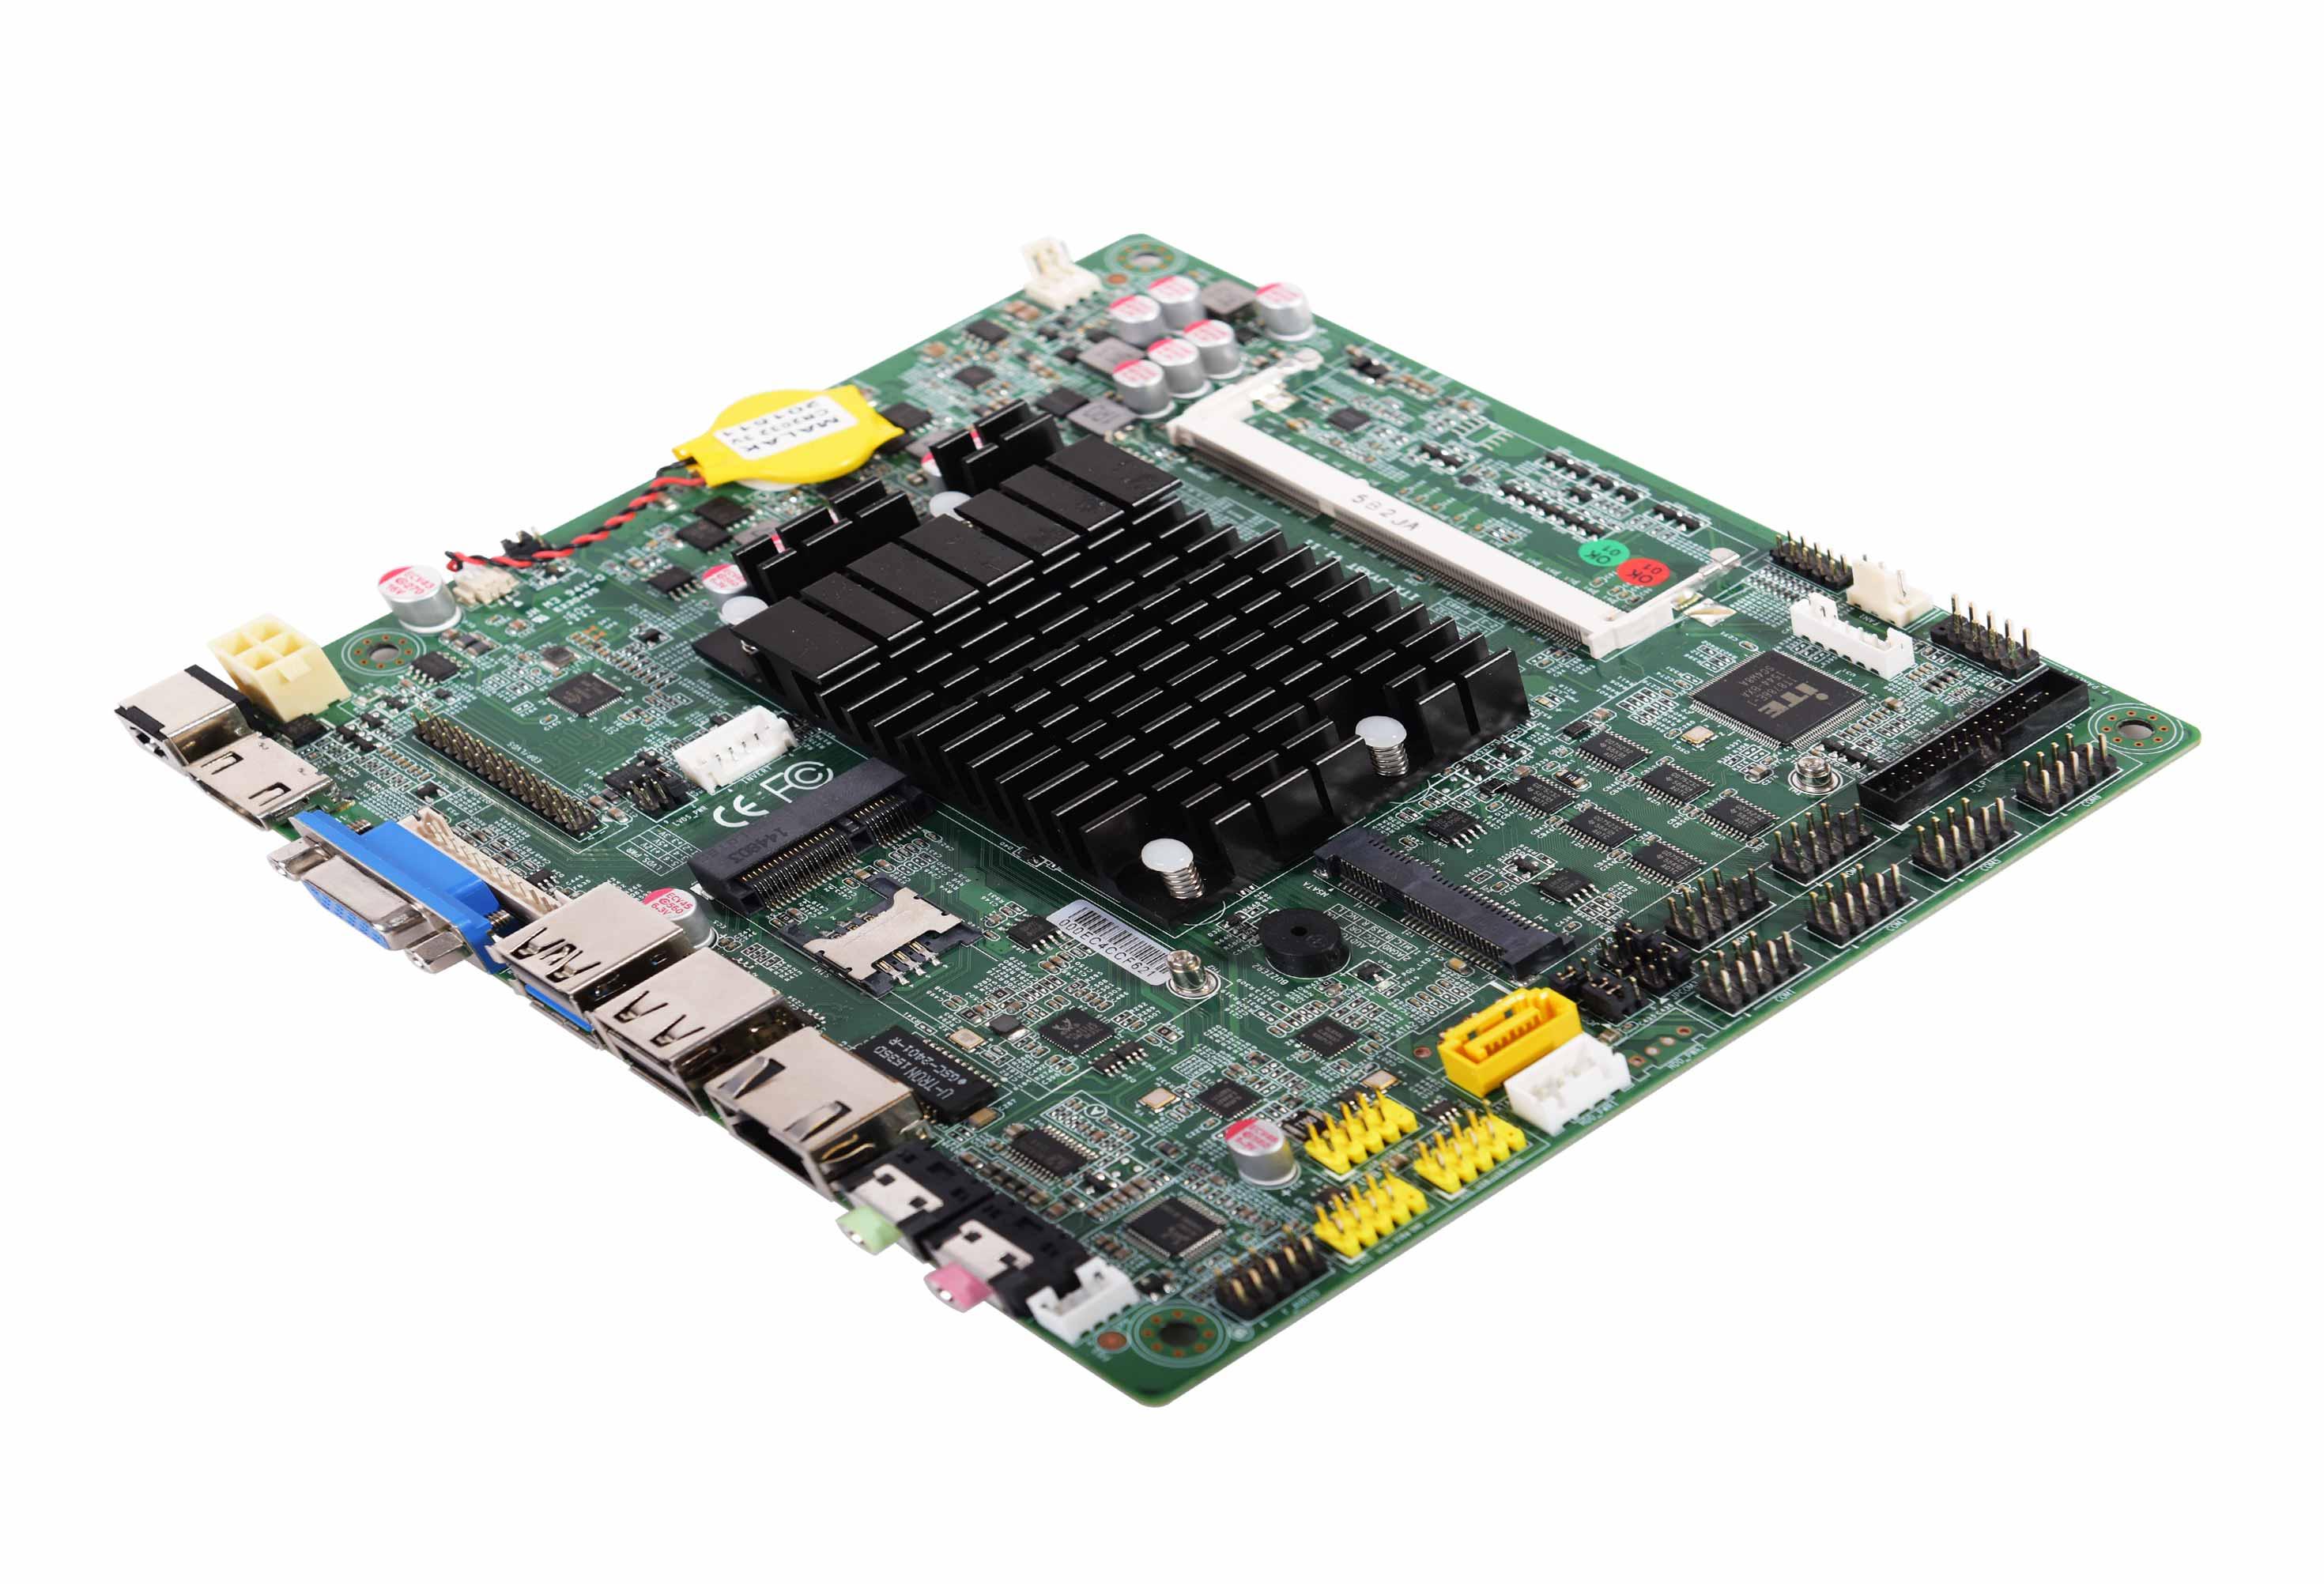 板贴Intel® Bay Trail J1800(可选J1900) 双核2.41GHz CPU,可睿频至2.58GHz VGA, LVDS(EDP)支持同步/异步双显功能 2COM RS-232,COM1兼容RS-485,,8 USB 2.0, 1 USB 3.0, 8-bit GPIO, WIFI, 3G, SSD 板载功放,提供数字音频SPDIF支持 无盘启动,网络唤醒,上电开机,定时开机 板载集成Intel HD4000显示核心